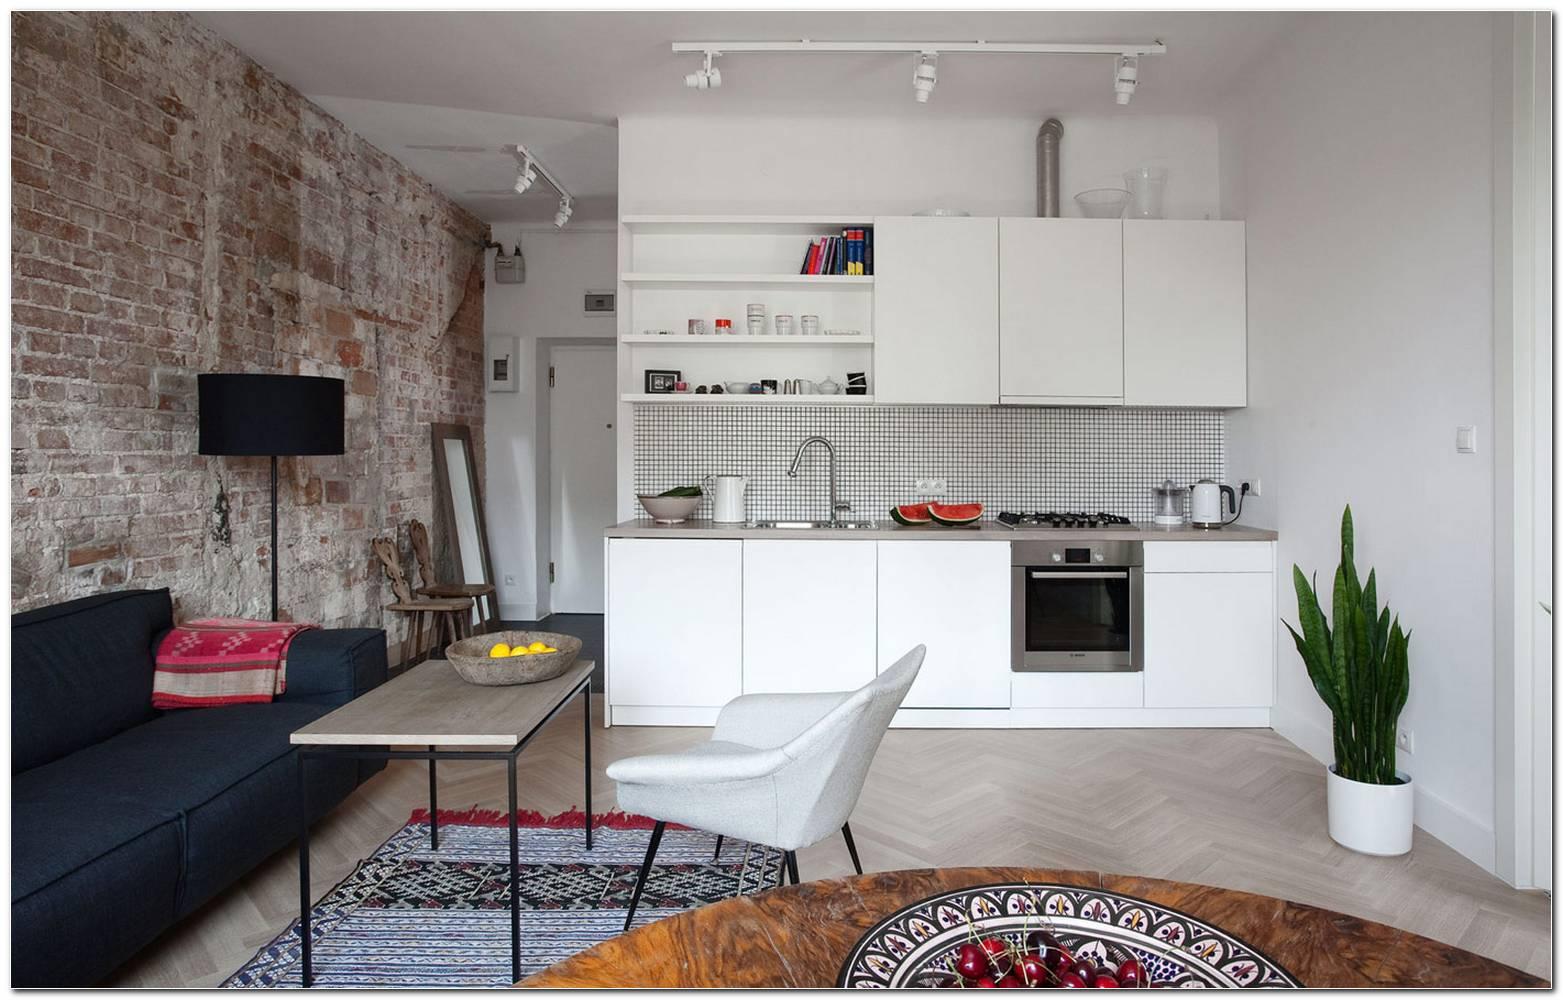 Mobiliar Apartamento Pequeno